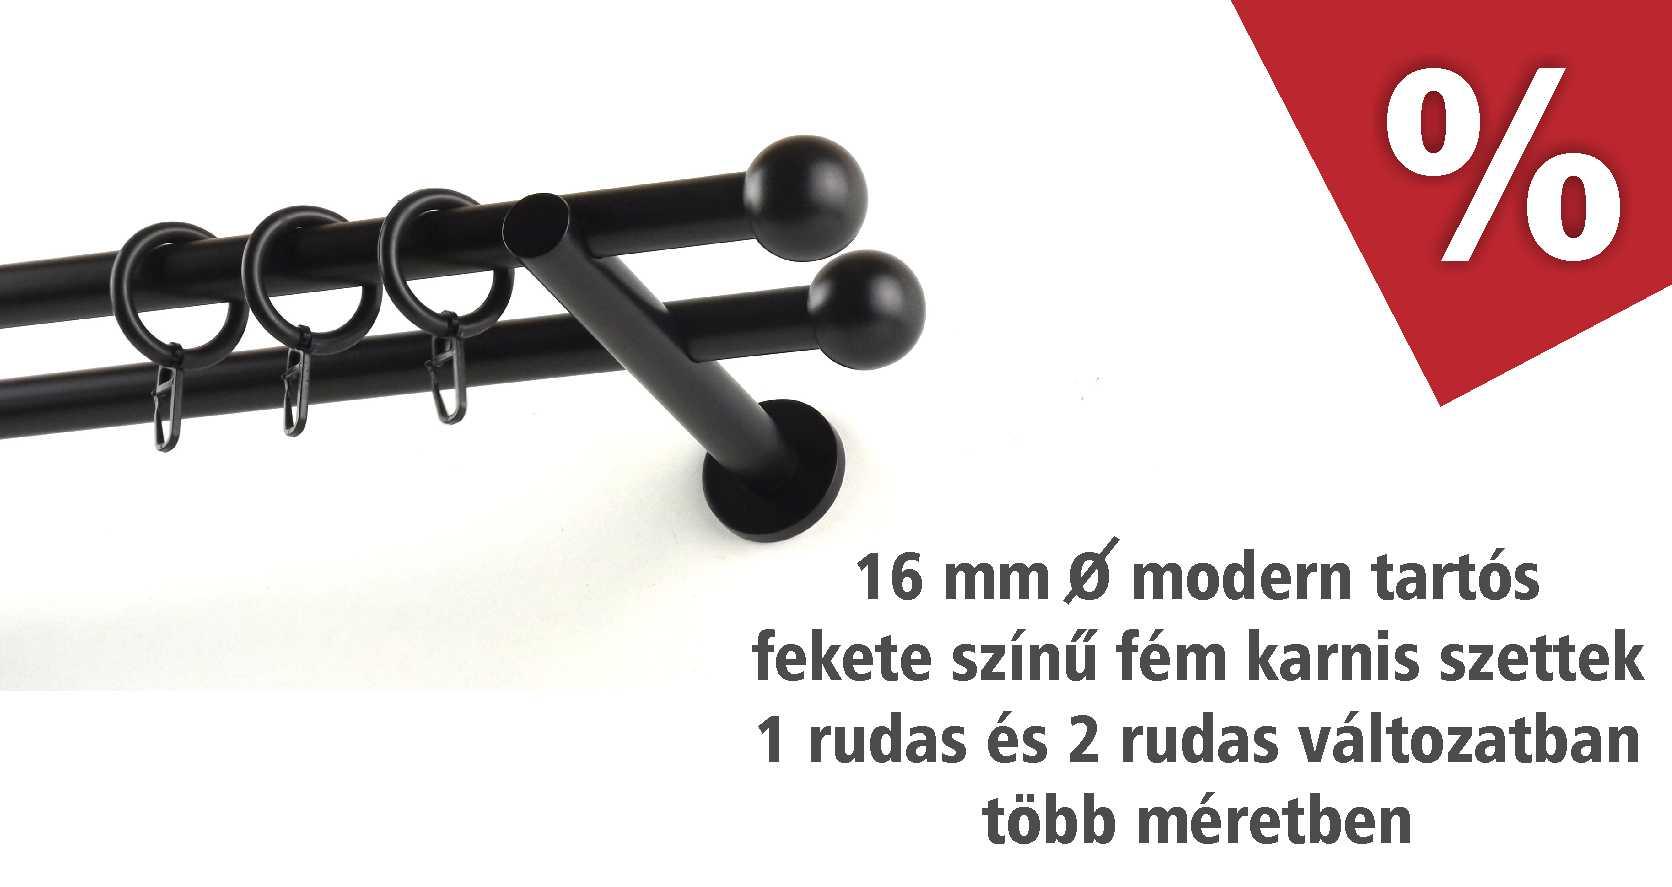 Fekete színű modern tartós fém karnis szettek több méretben akciós áron - www.karnisstudio.hu